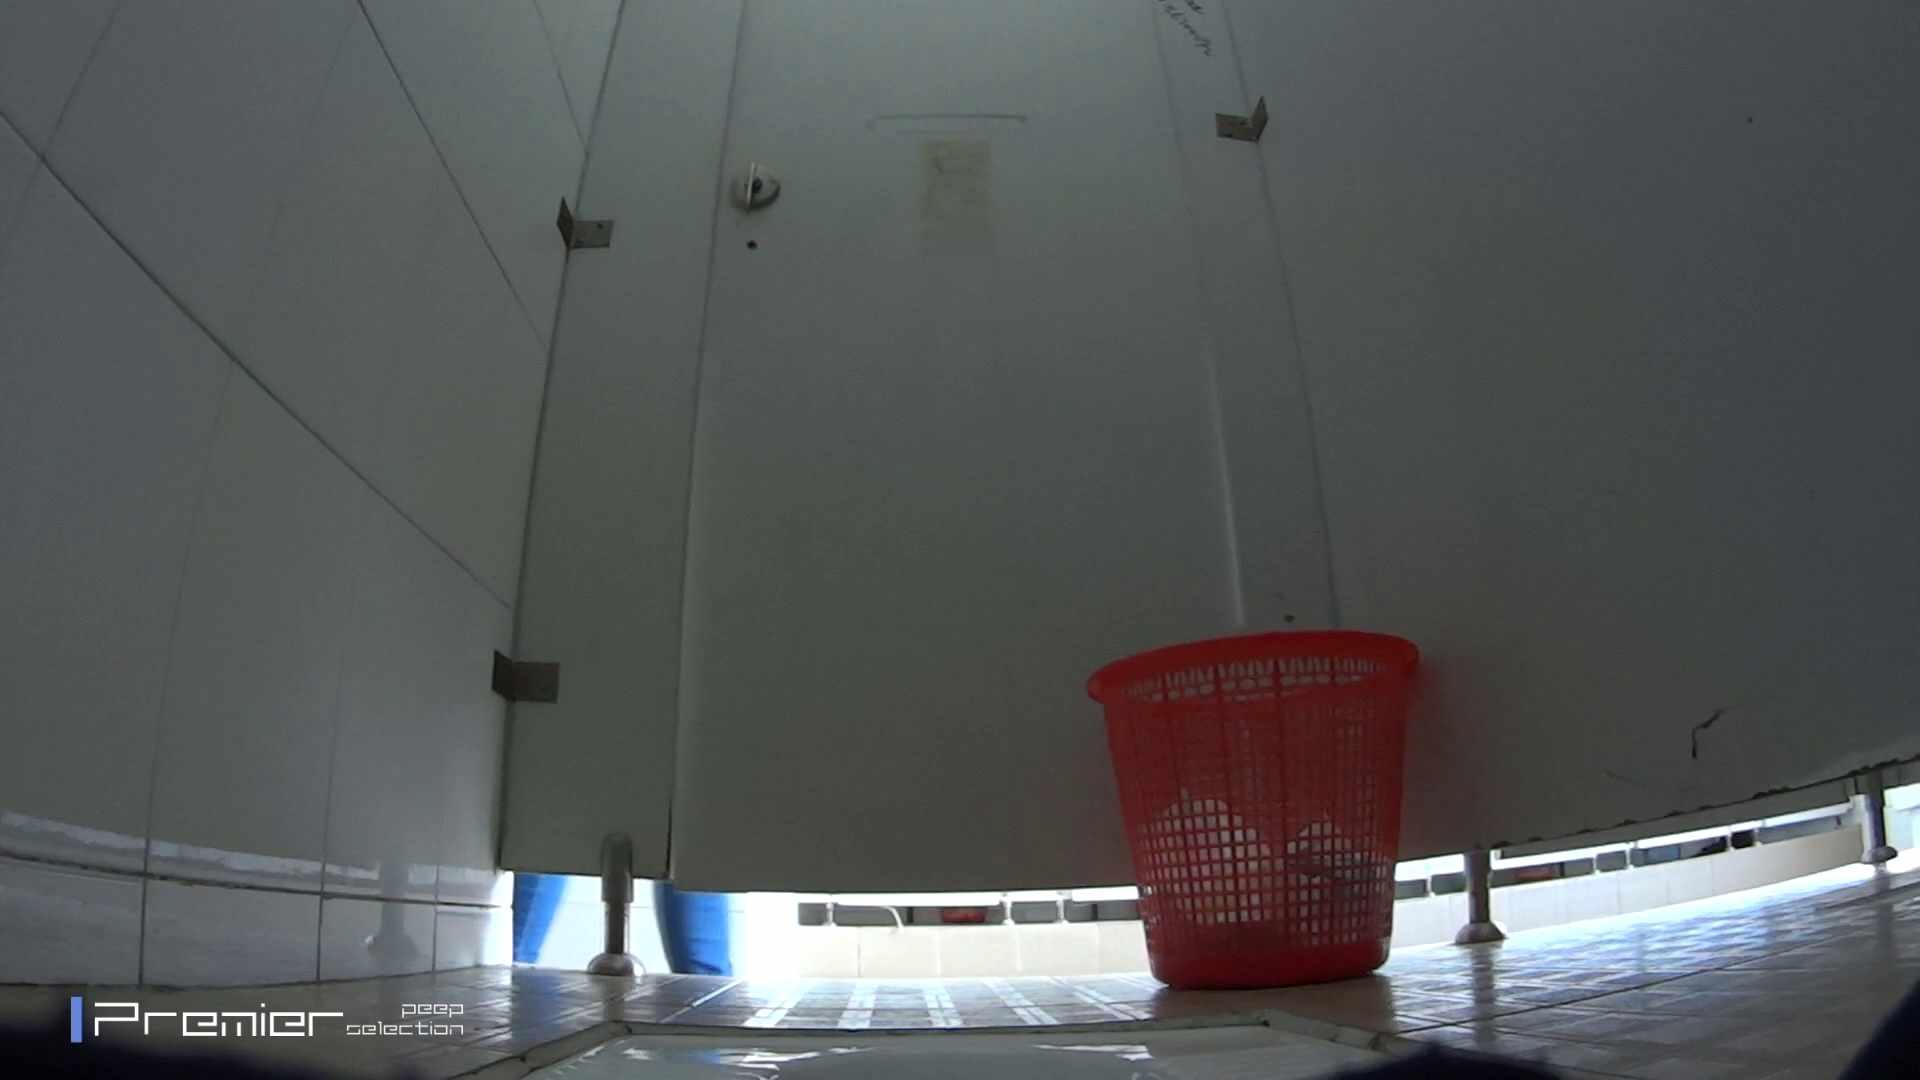 アジアンビューティー達の聖水 大学休憩時間の洗面所事情24 細身・スレンダー AV動画キャプチャ 109画像 95